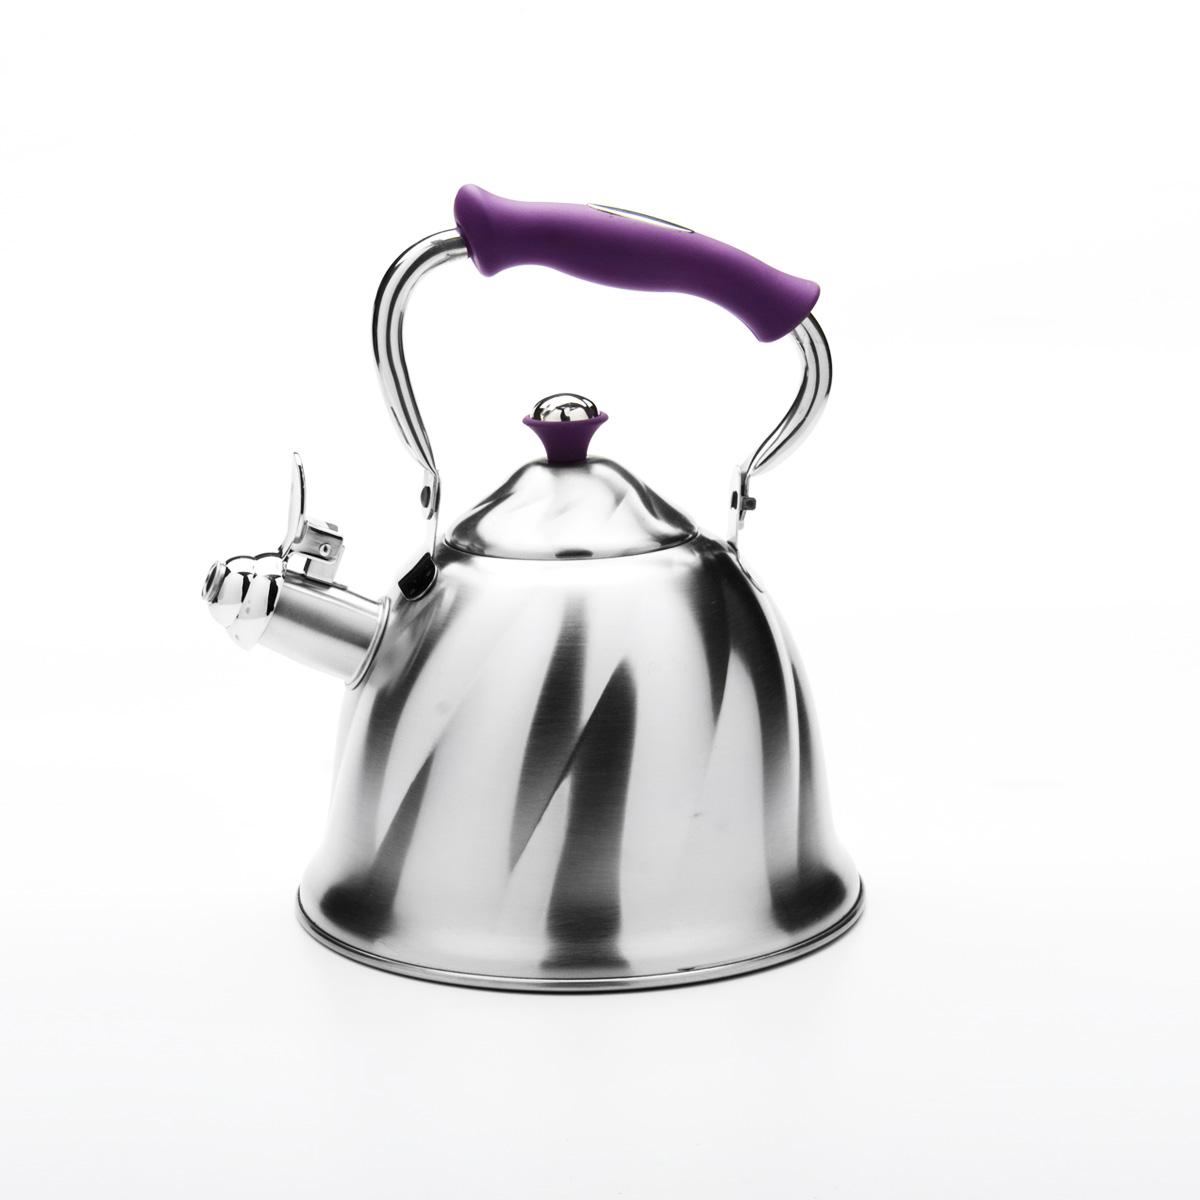 Чайник Mayer & Boch со свистком, цвет: фиолетовый, 3 л. 2377723777Чайник Mayer & Boch выполнен из высококачественной нержавеющей стали, что обеспечивает долговечность использования. Внешнее матовоепокрытие придает приятный внешний вид. Фиксированная ручка из бакелита делает использование чайника очень удобным и безопасным. Чайник снабжен свистком и устройством для открывания носика. Можно мыть в посудомоечной машине. Пригоден для всех видов плит, кроме индукционных. Высота чайника (без учета крышки и ручки): 13 см. Диаметр основания: 21 см.